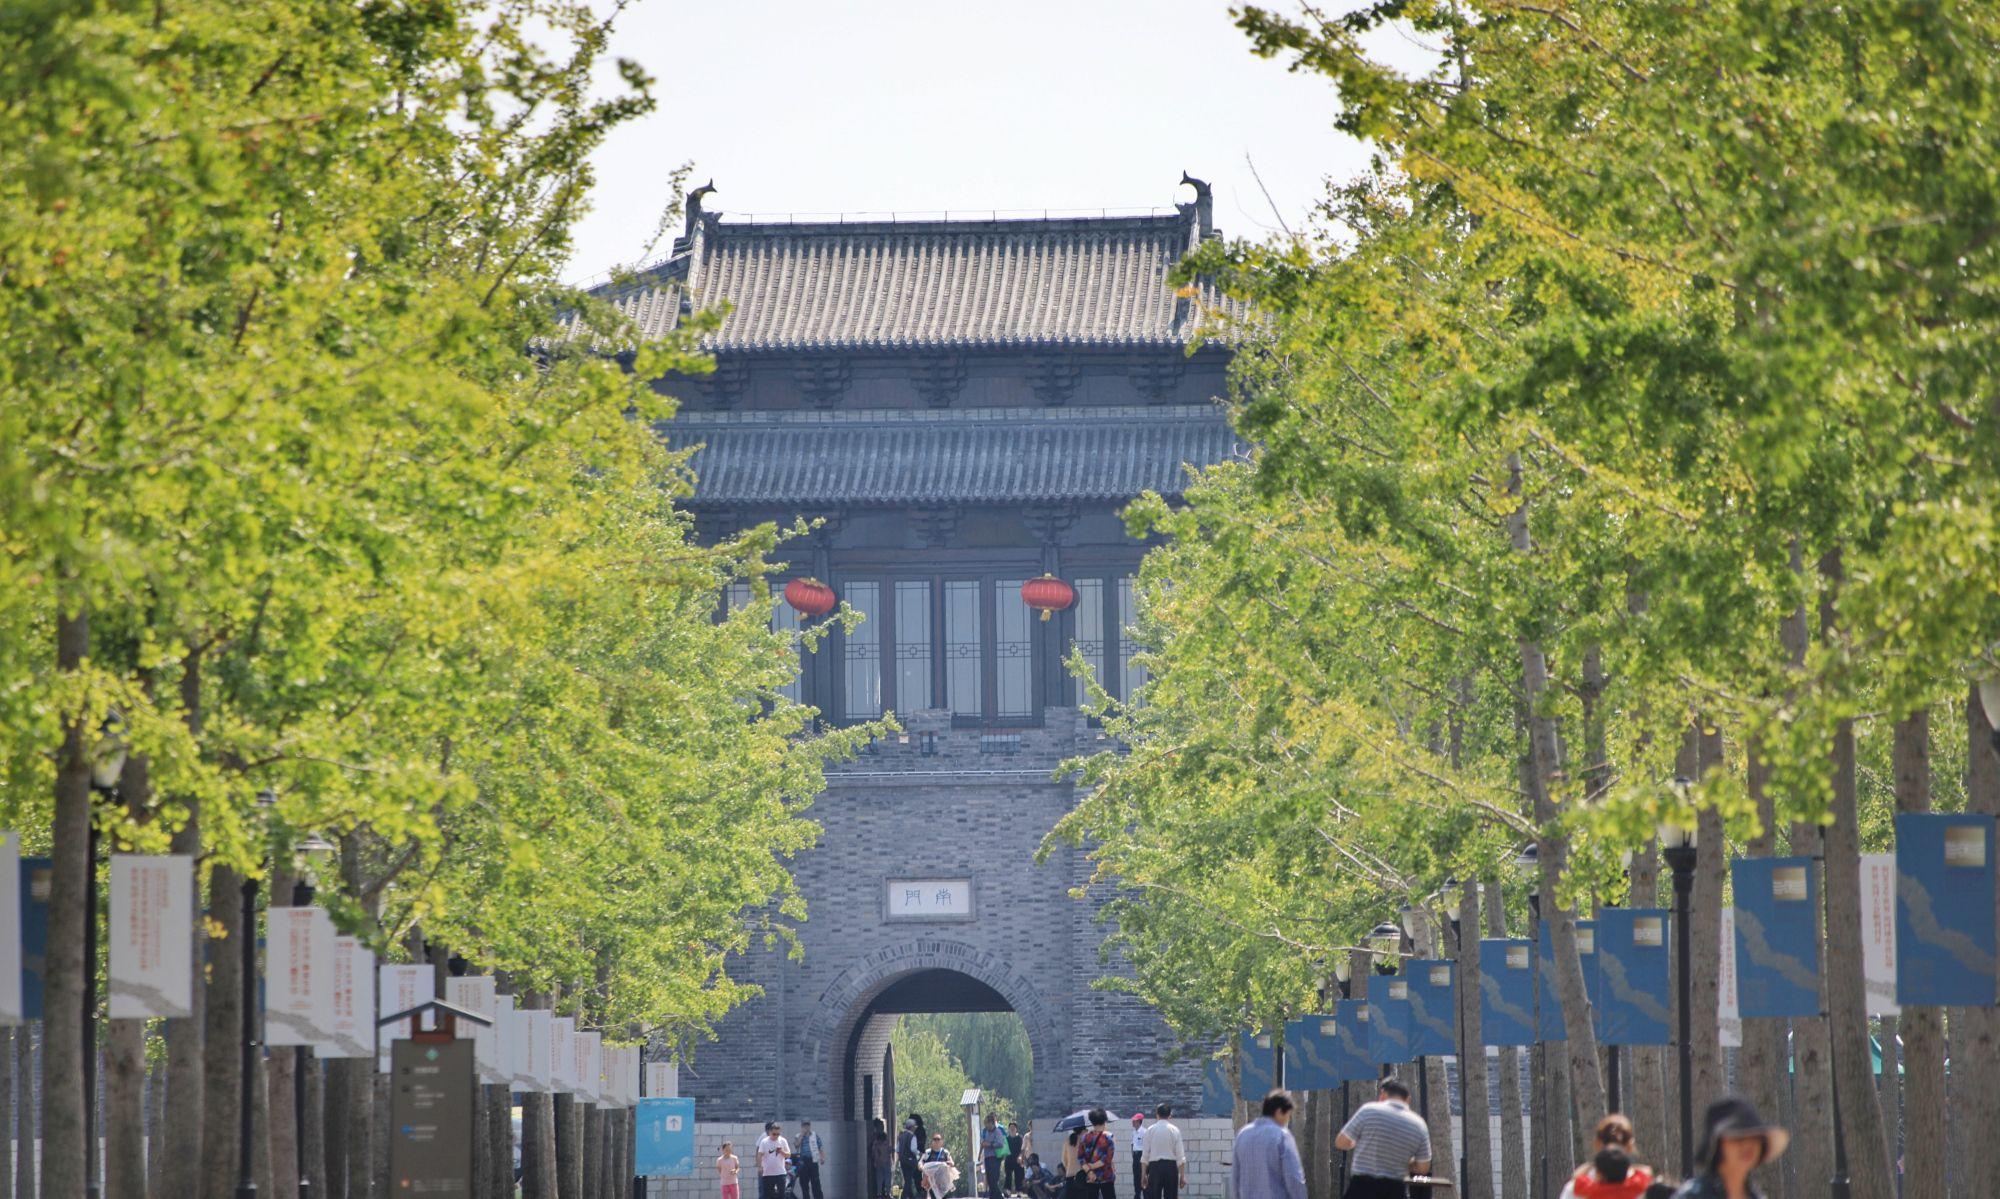 国内大型运河嘉年华活动首站落户扬州,精彩免费活动十一不断